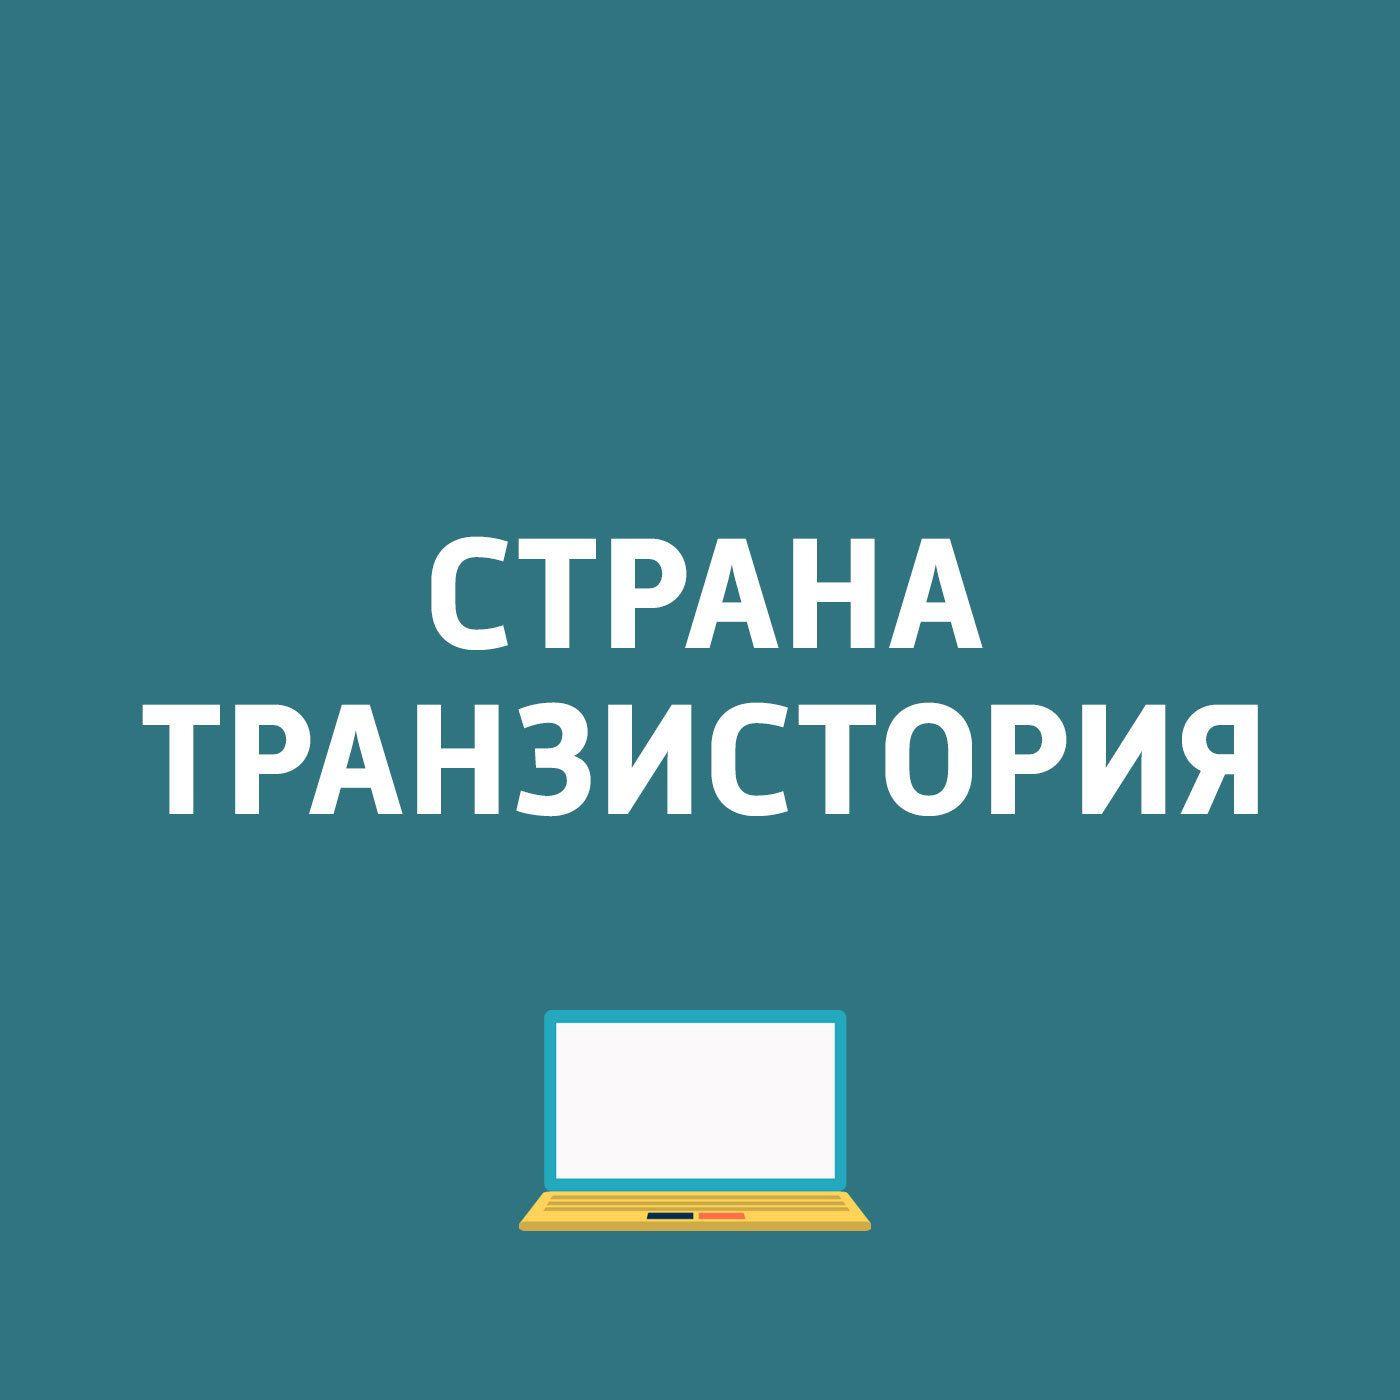 Картаев Павел Смартфон для любителей «Мстителей»; дружба Android и Windows, сколько тратят россияне на игры.... картаев павел 6 4 дюймовый телефон прототип гибкого смартфона windows10 за $119